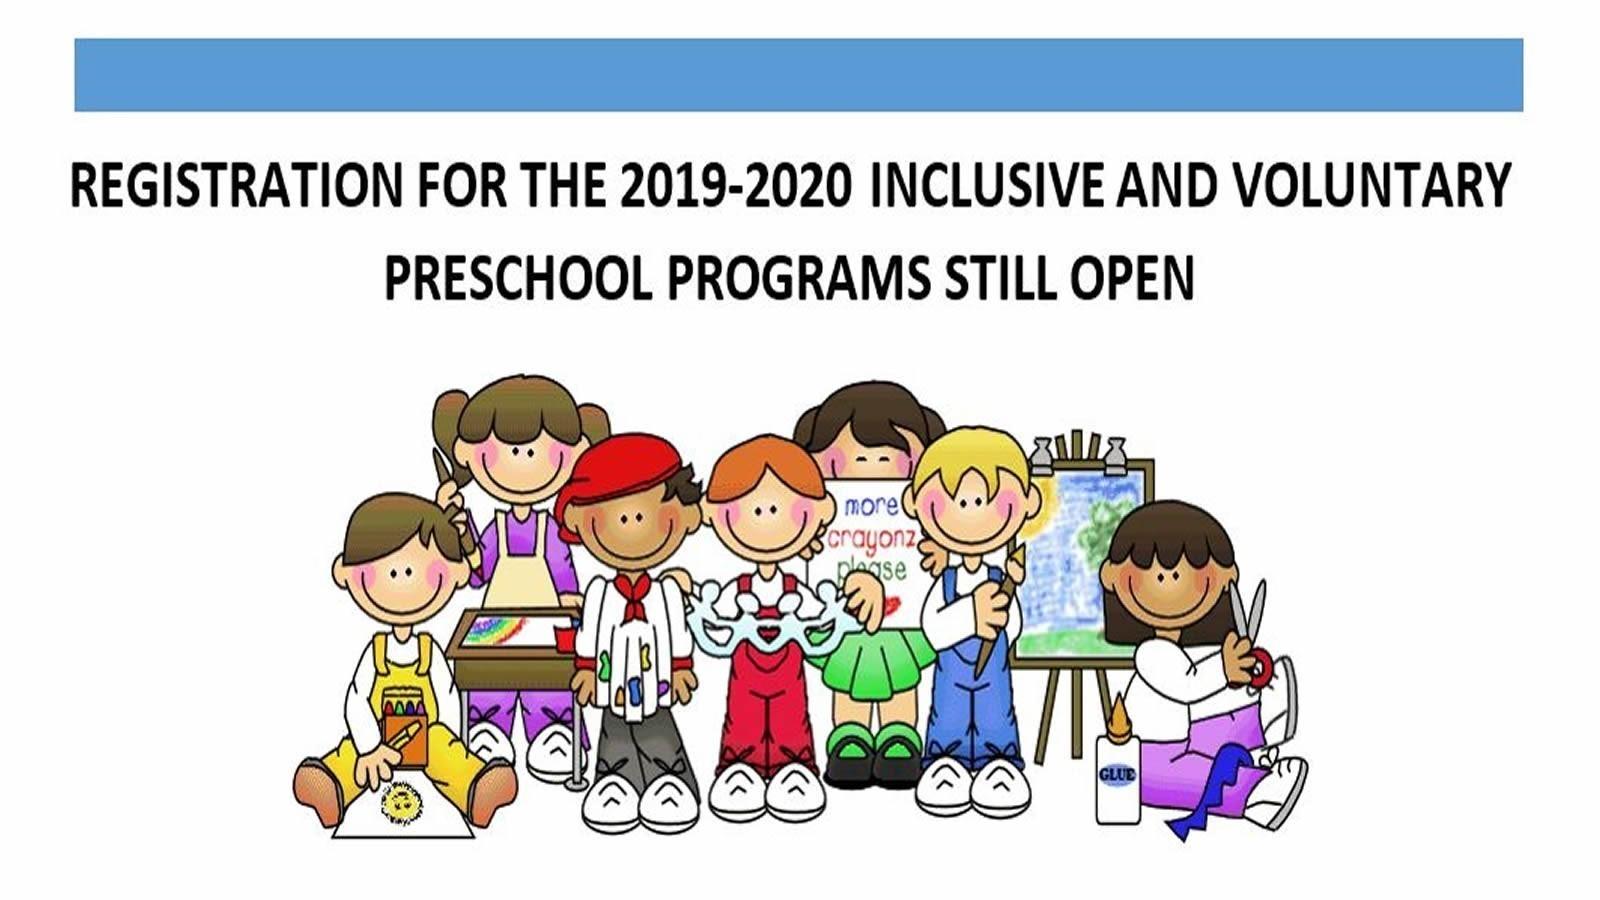 PreK Programs